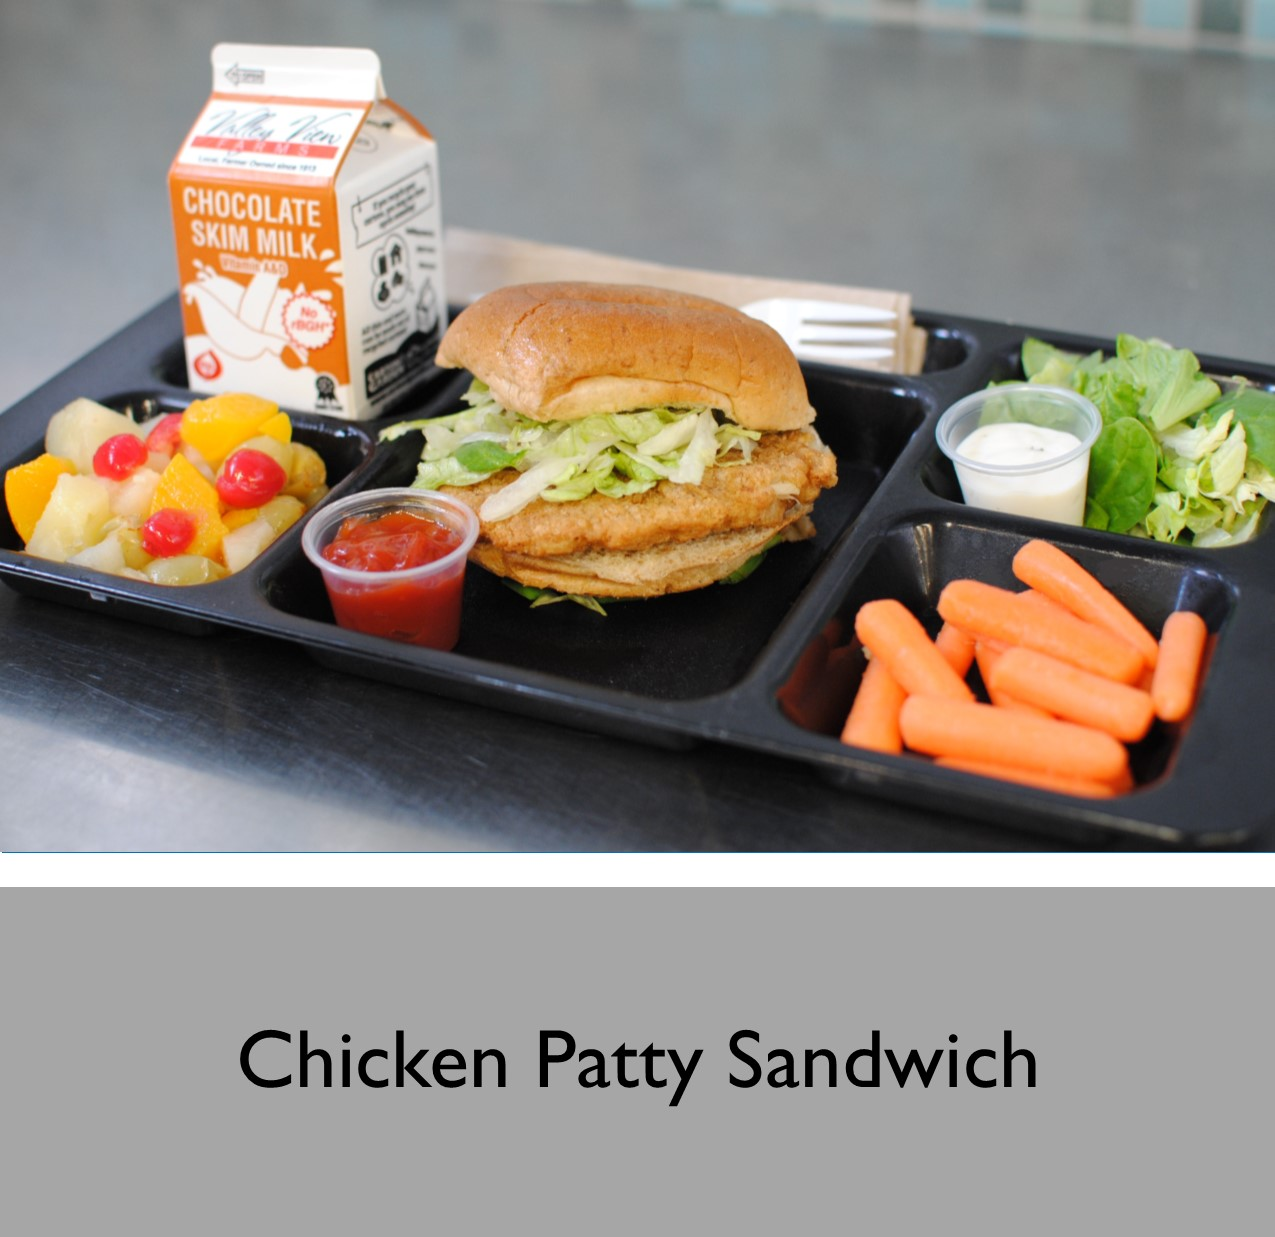 Chicken Patty Sandwich